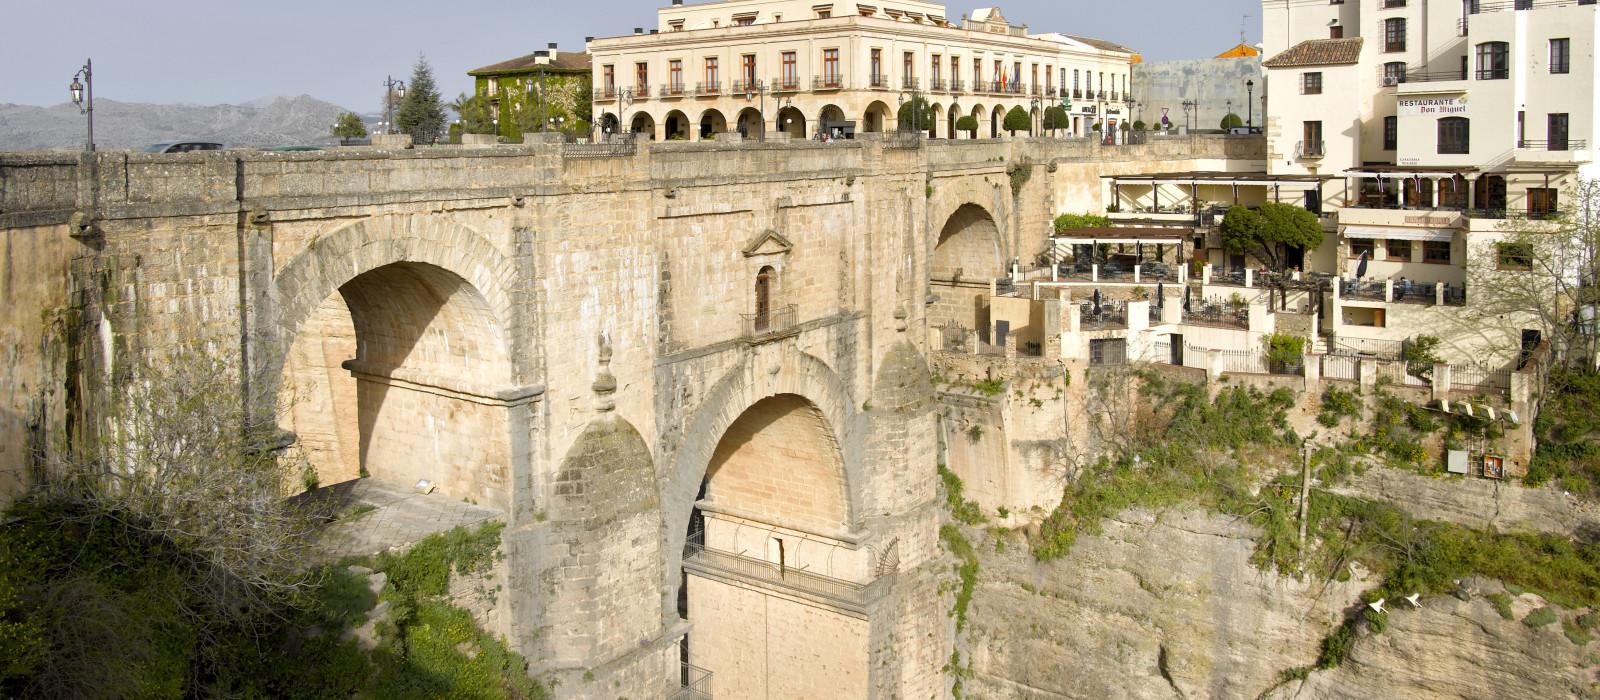 Hotel Parador de Ronda Spain